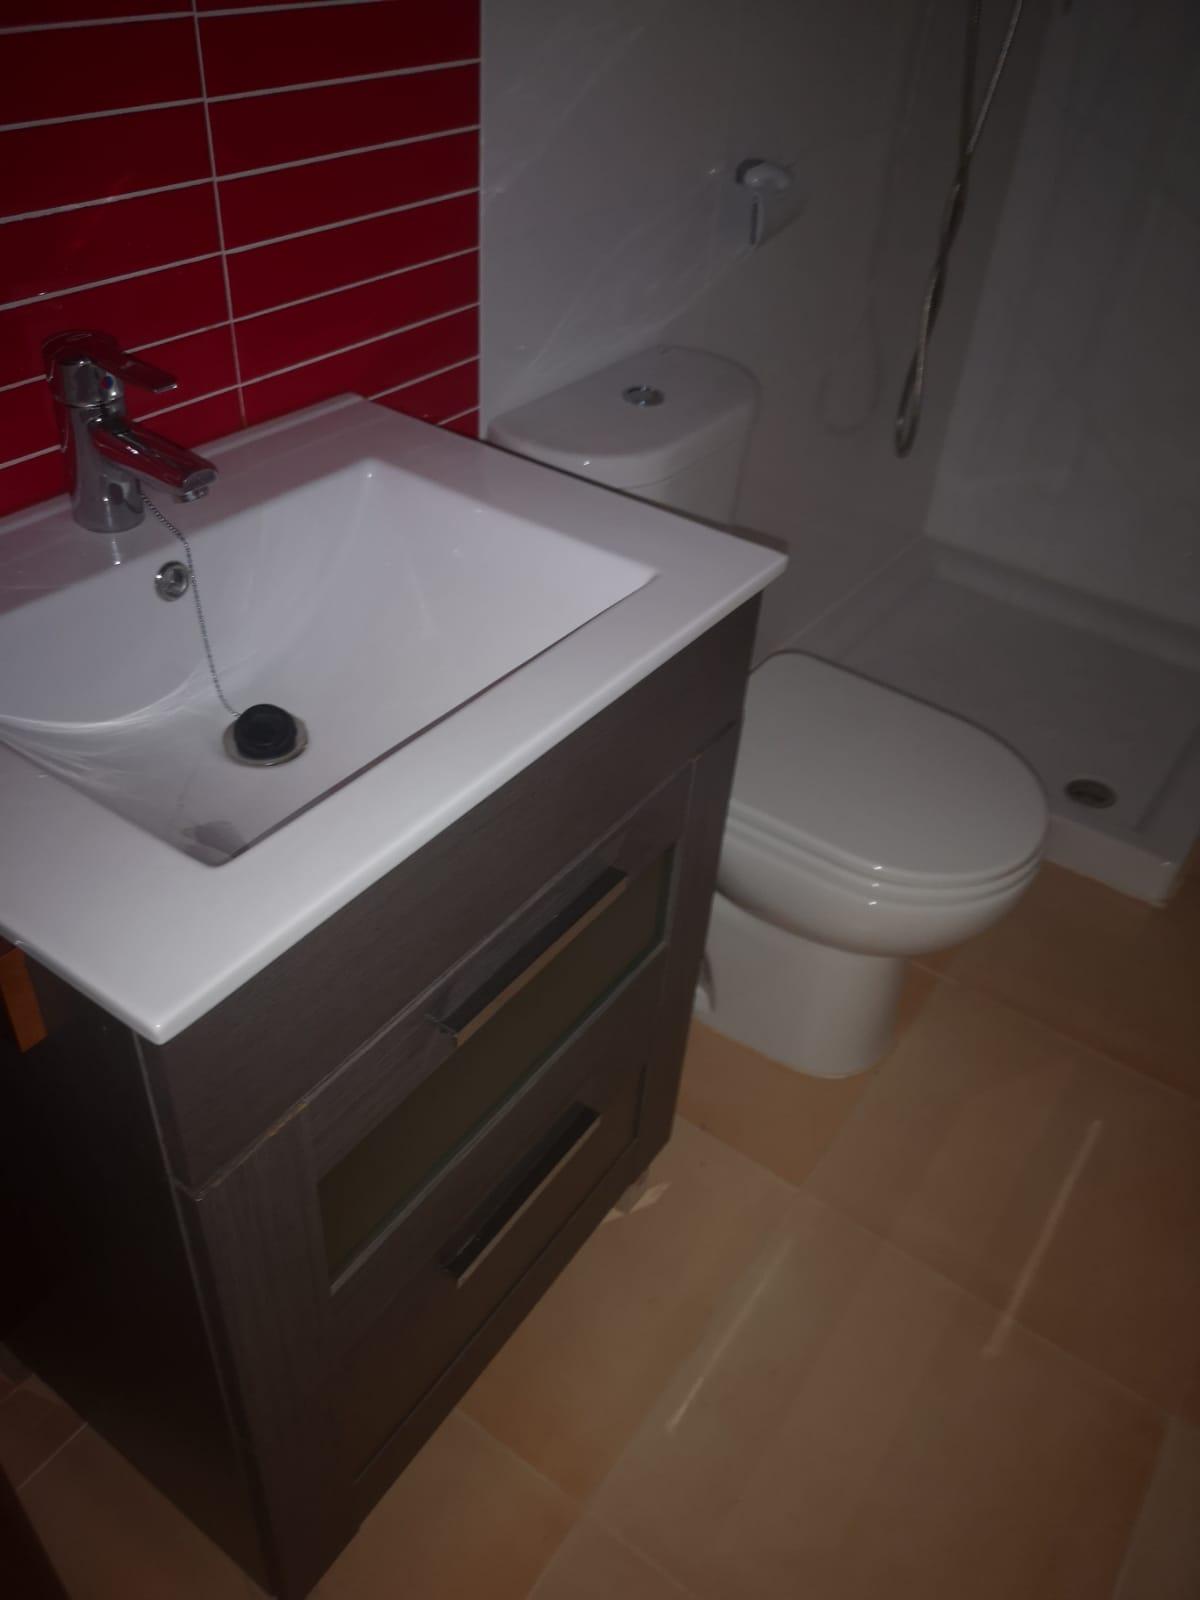 Casa en venta en Vinaròs, Castellón, Avenida Francisco José Balada, 167.170 €, 4 habitaciones, 3 baños, 133,19 m2